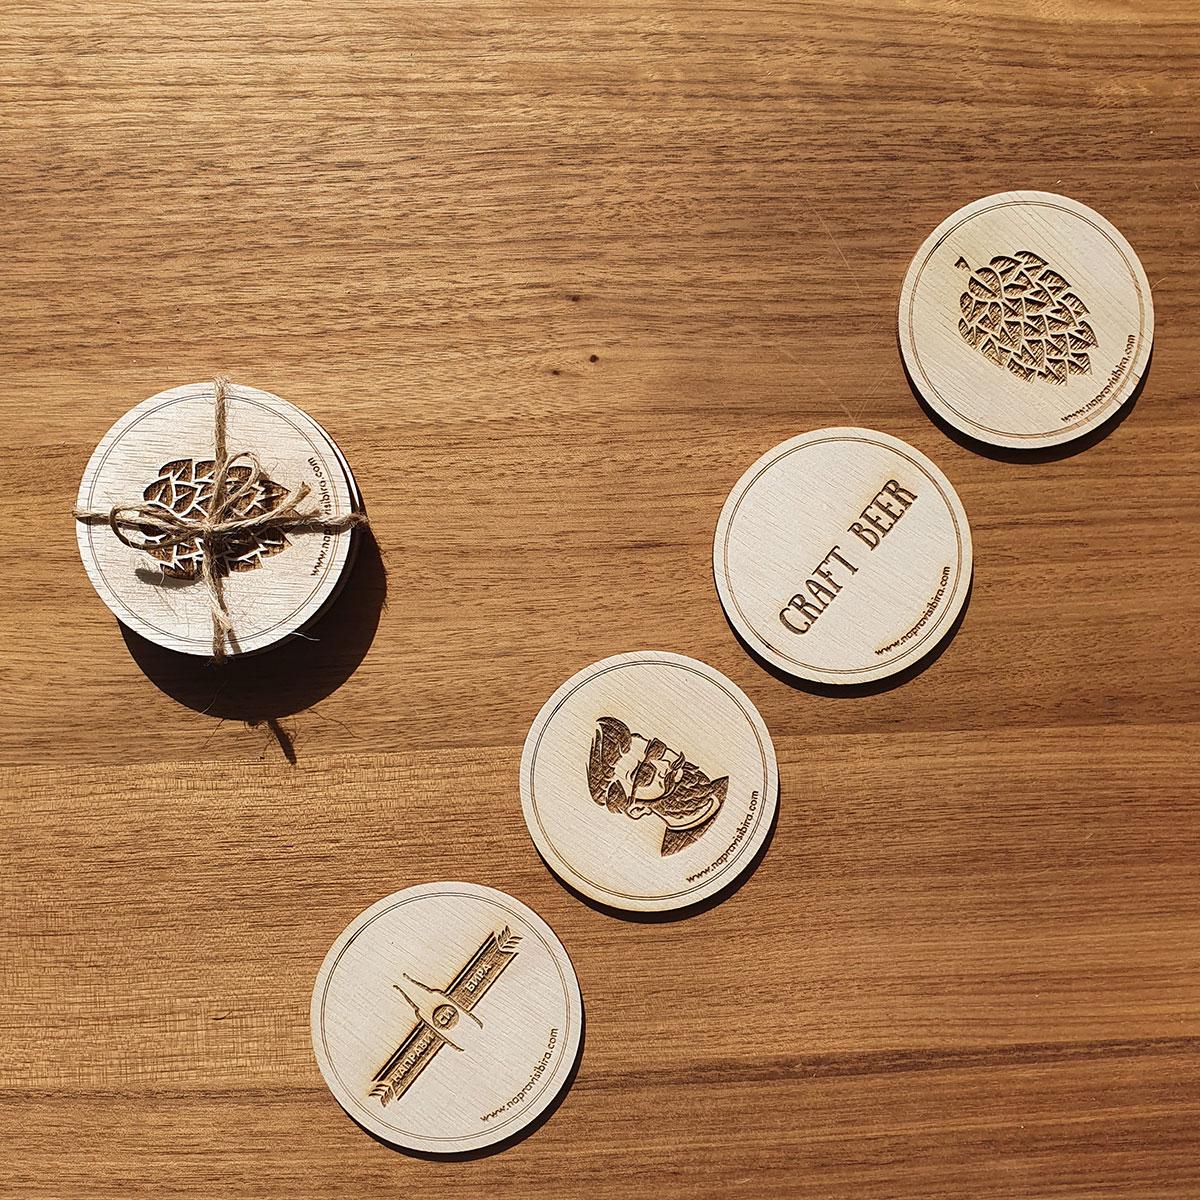 Комплект 4 гравирани дървени подложки за чаши, различни дизайни – крафт бира, магазин за домашния пивовар Направи си бира ООД